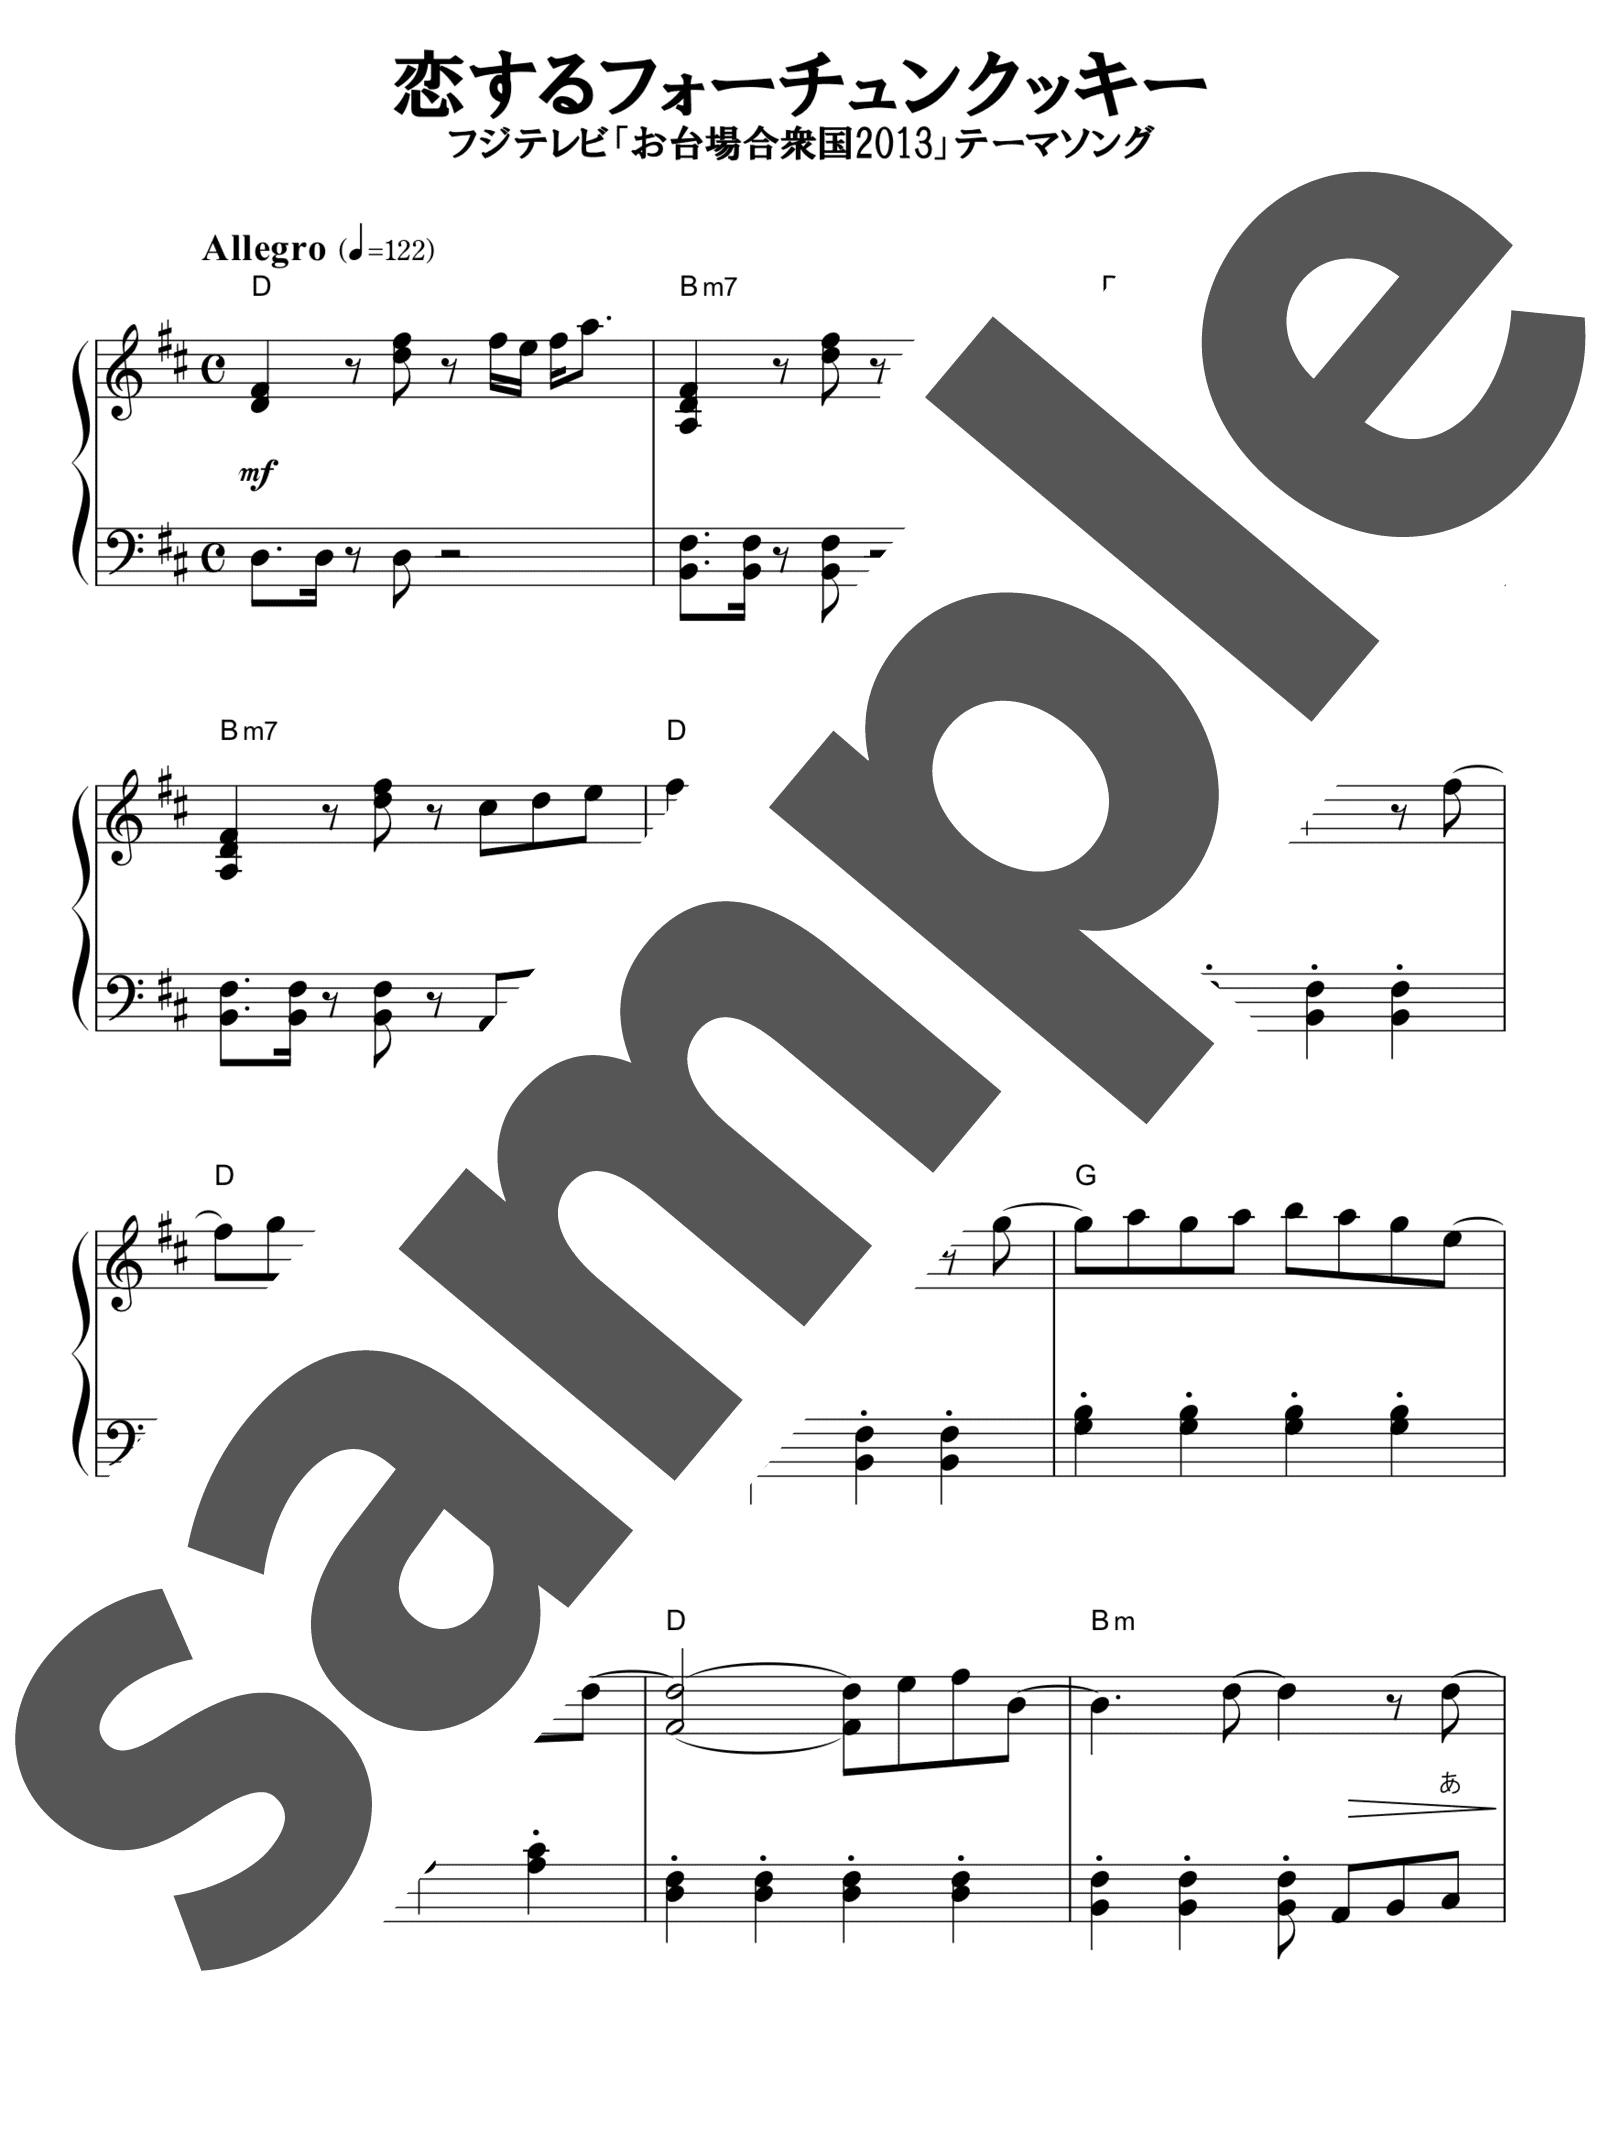 「恋するフォーチュンクッキー」のサンプル楽譜